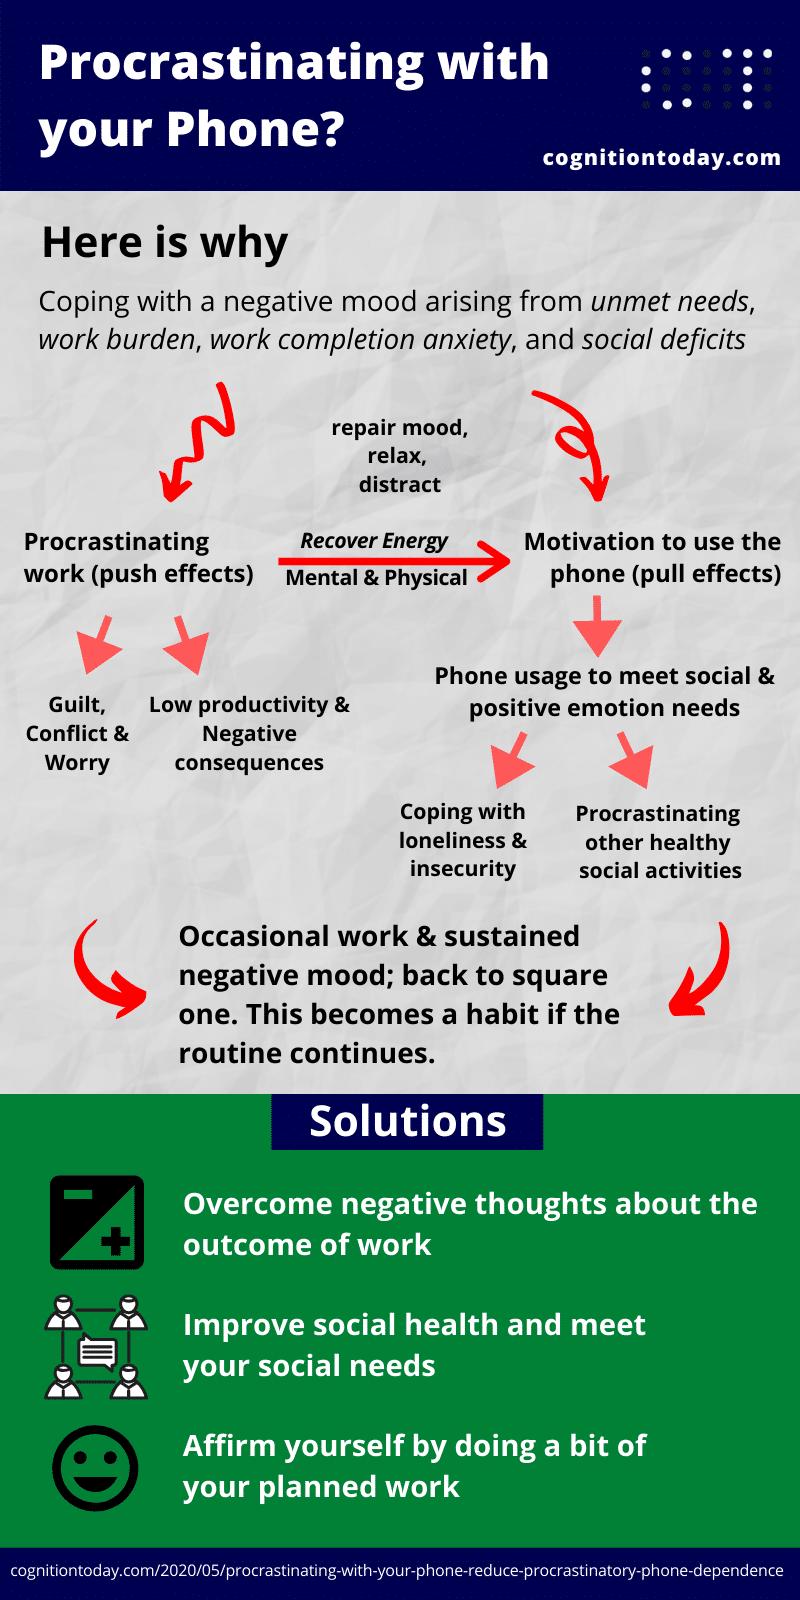 procrastinatory phone use explanation